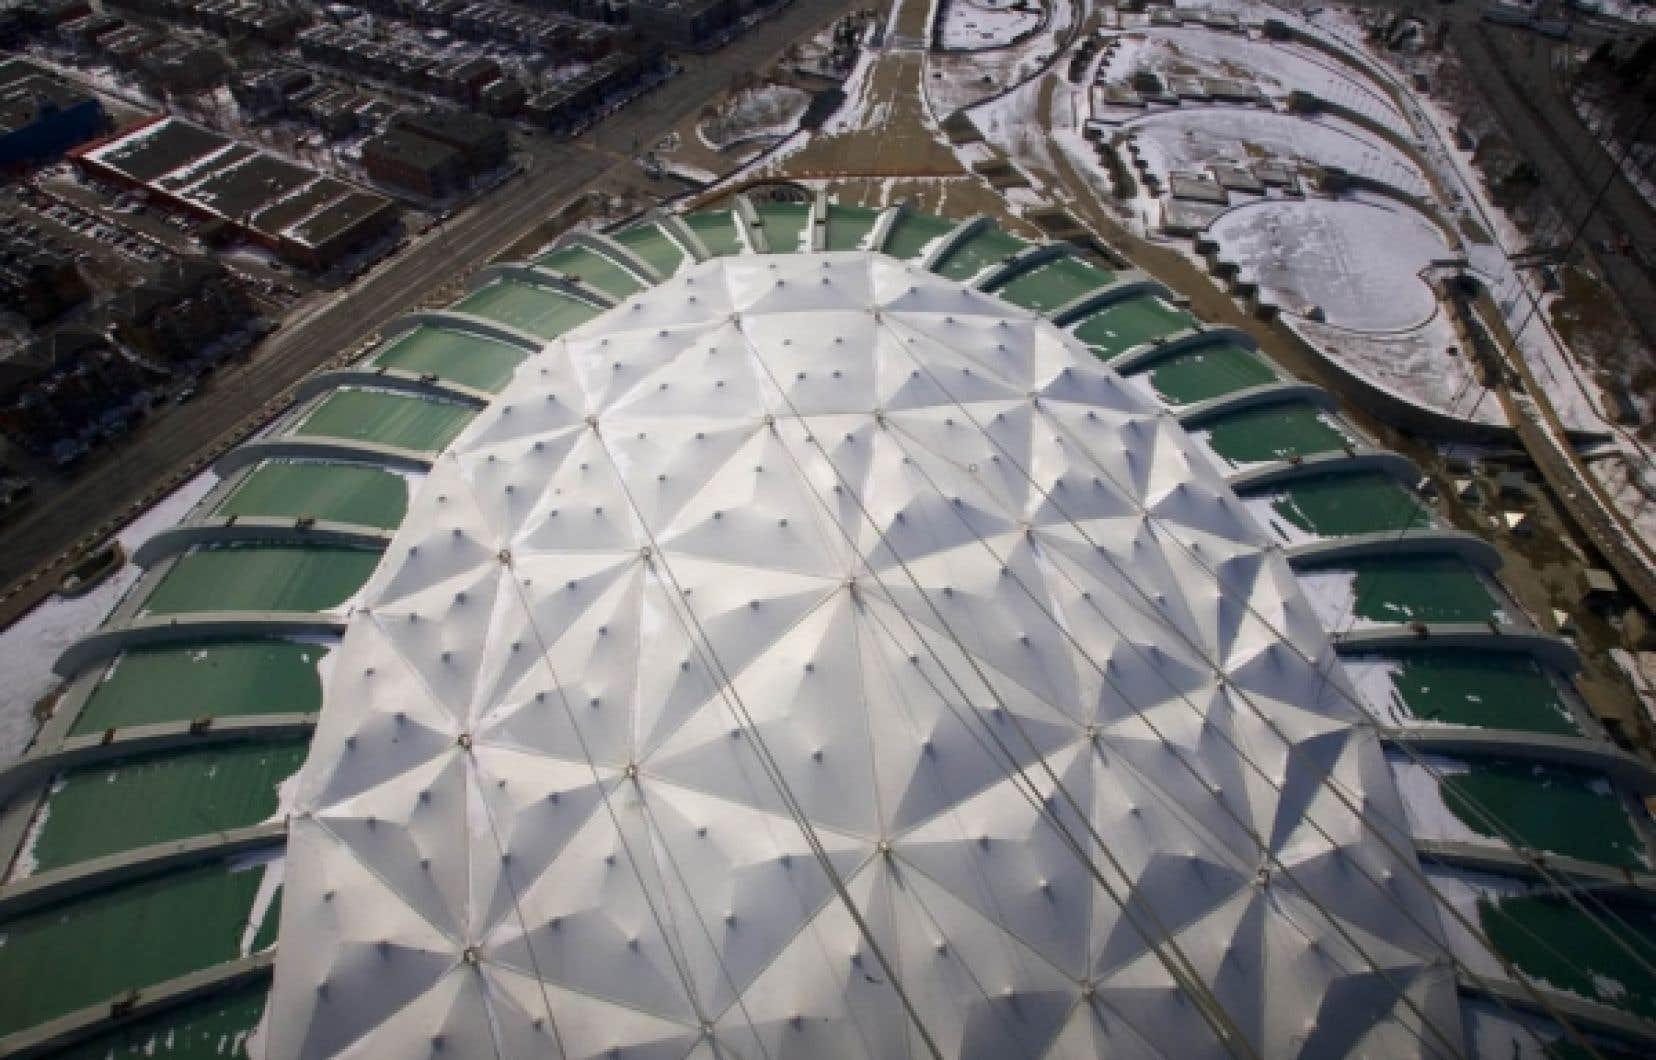 C'est un retour à la case départ pour la RIO, qui s'apprêtait à conclure une entente avec SNC-Lavalin pour la construction d'un nouveau toit pour le Stade olympique.<br />